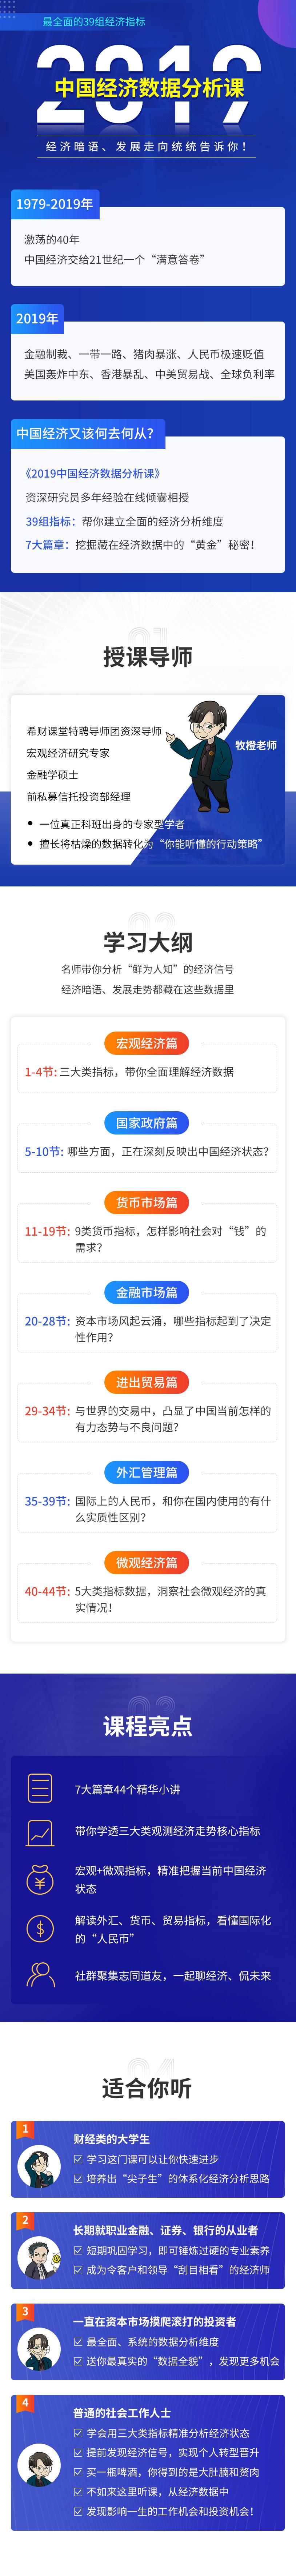 2019•中国经济数据分析课.png